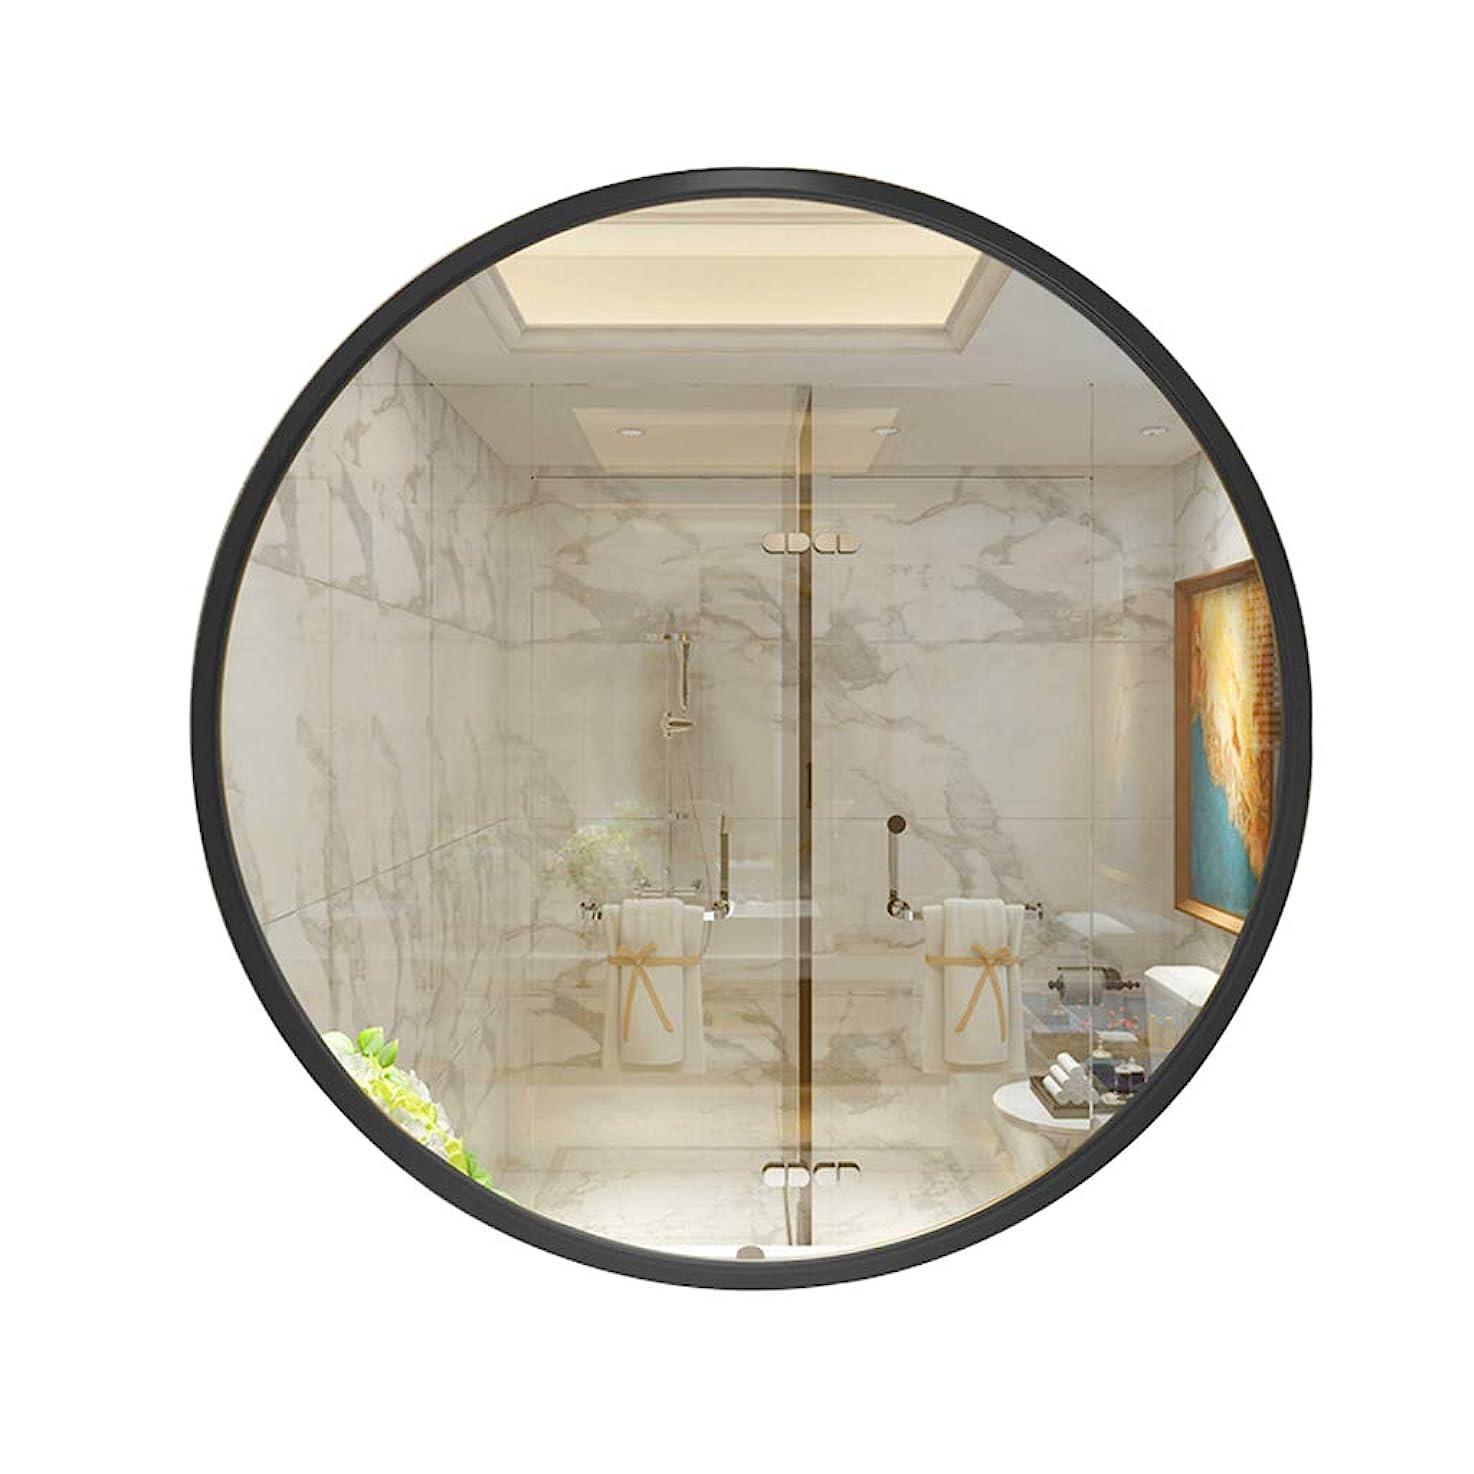 未就学並外れて先駆者GYX-壁掛鏡 壁掛けミラーラウンドヨーロッパスタイル直径40/50/60/70 cmブラックメタルフレーム寝室/バスルーム/リビングルーム用装飾